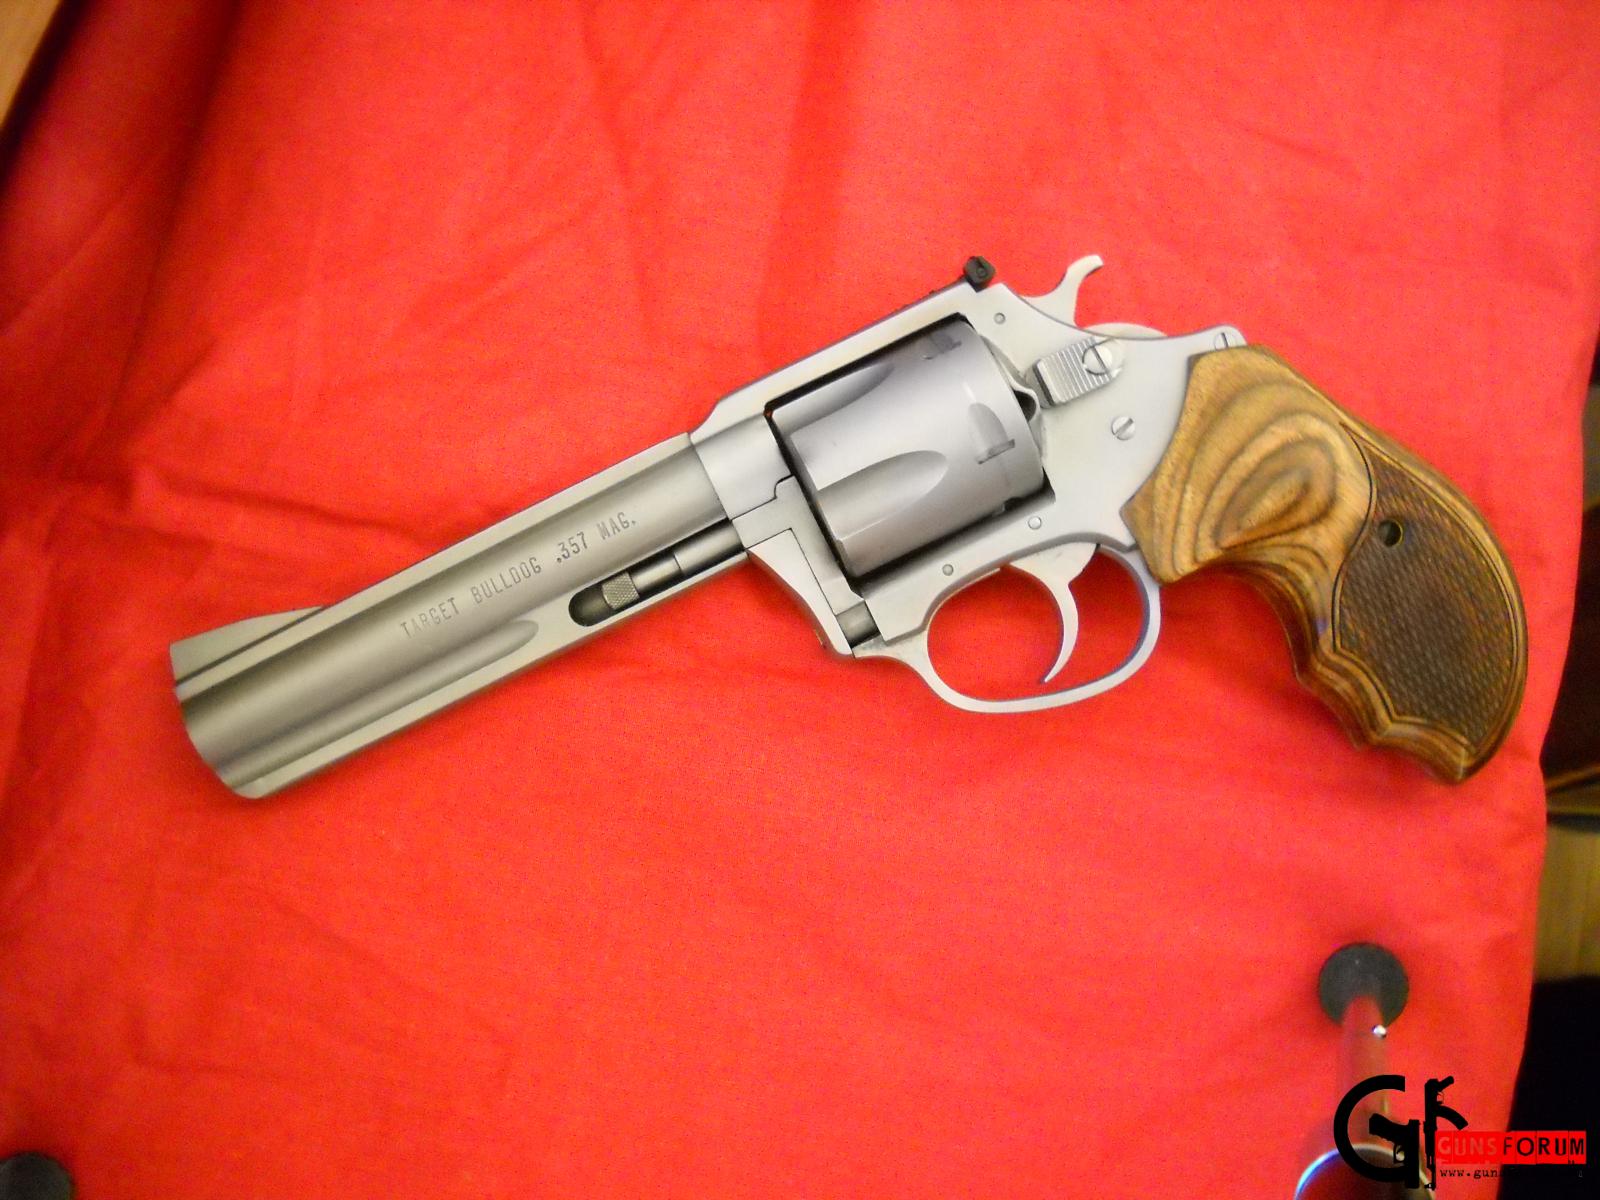 Charter Arms Target Bulldog .357 Magnum.